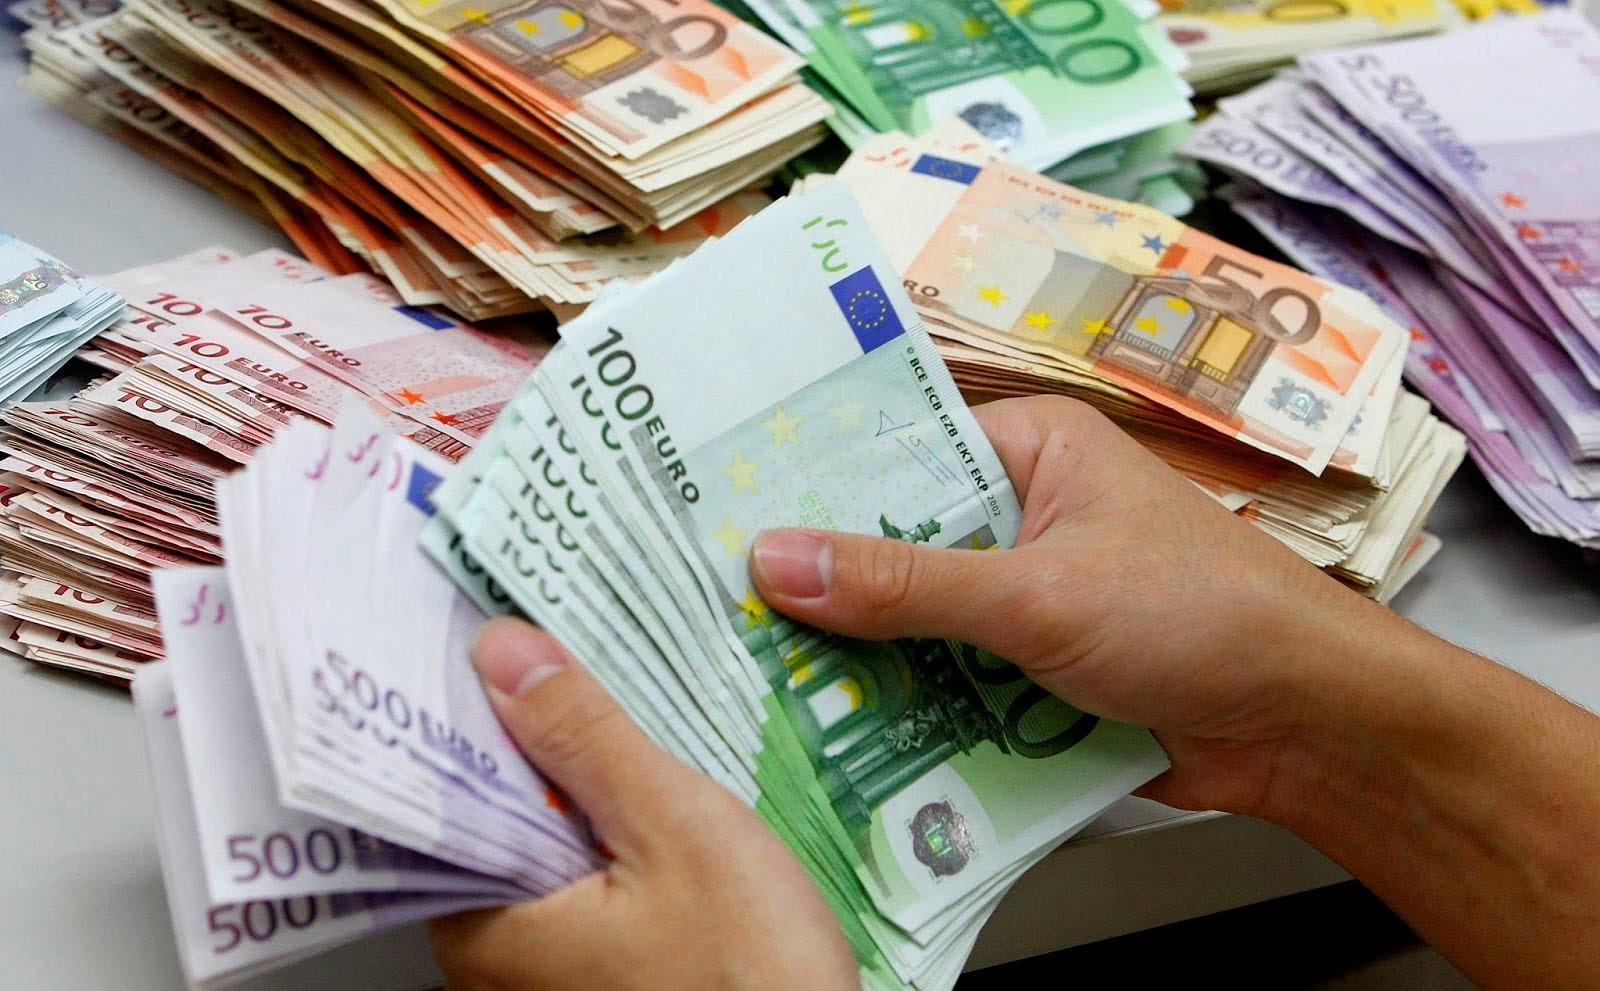 »Eurostat»: в марте годовая инфляция в Латвии была выше средней в ЕС и еврозоне